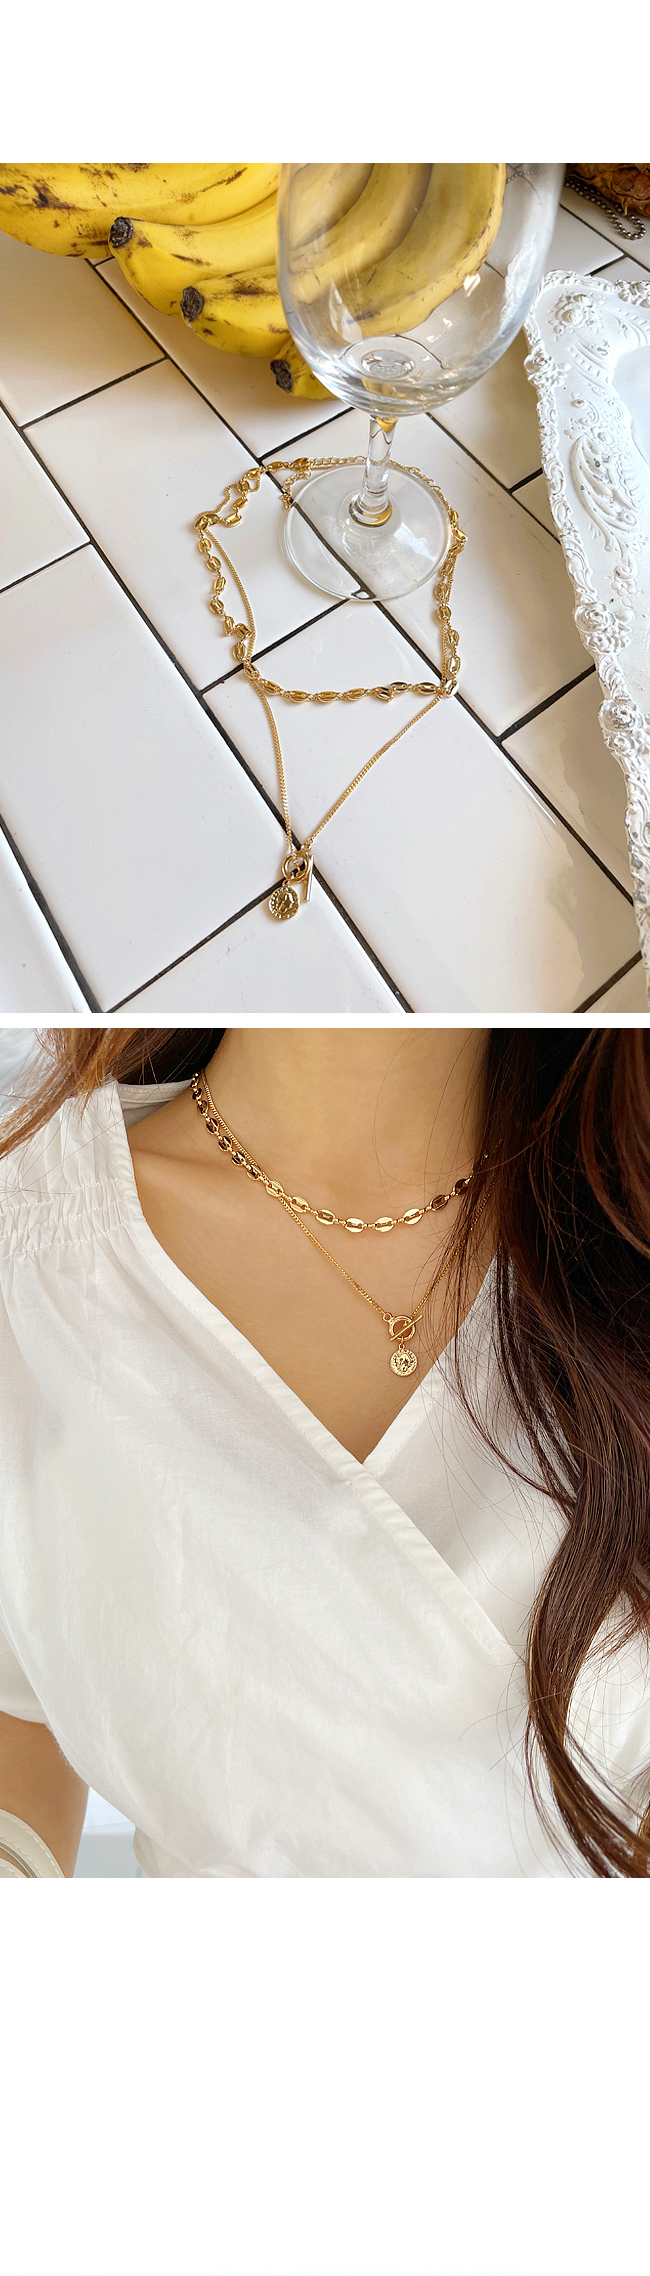 Tenmo pearl necklace